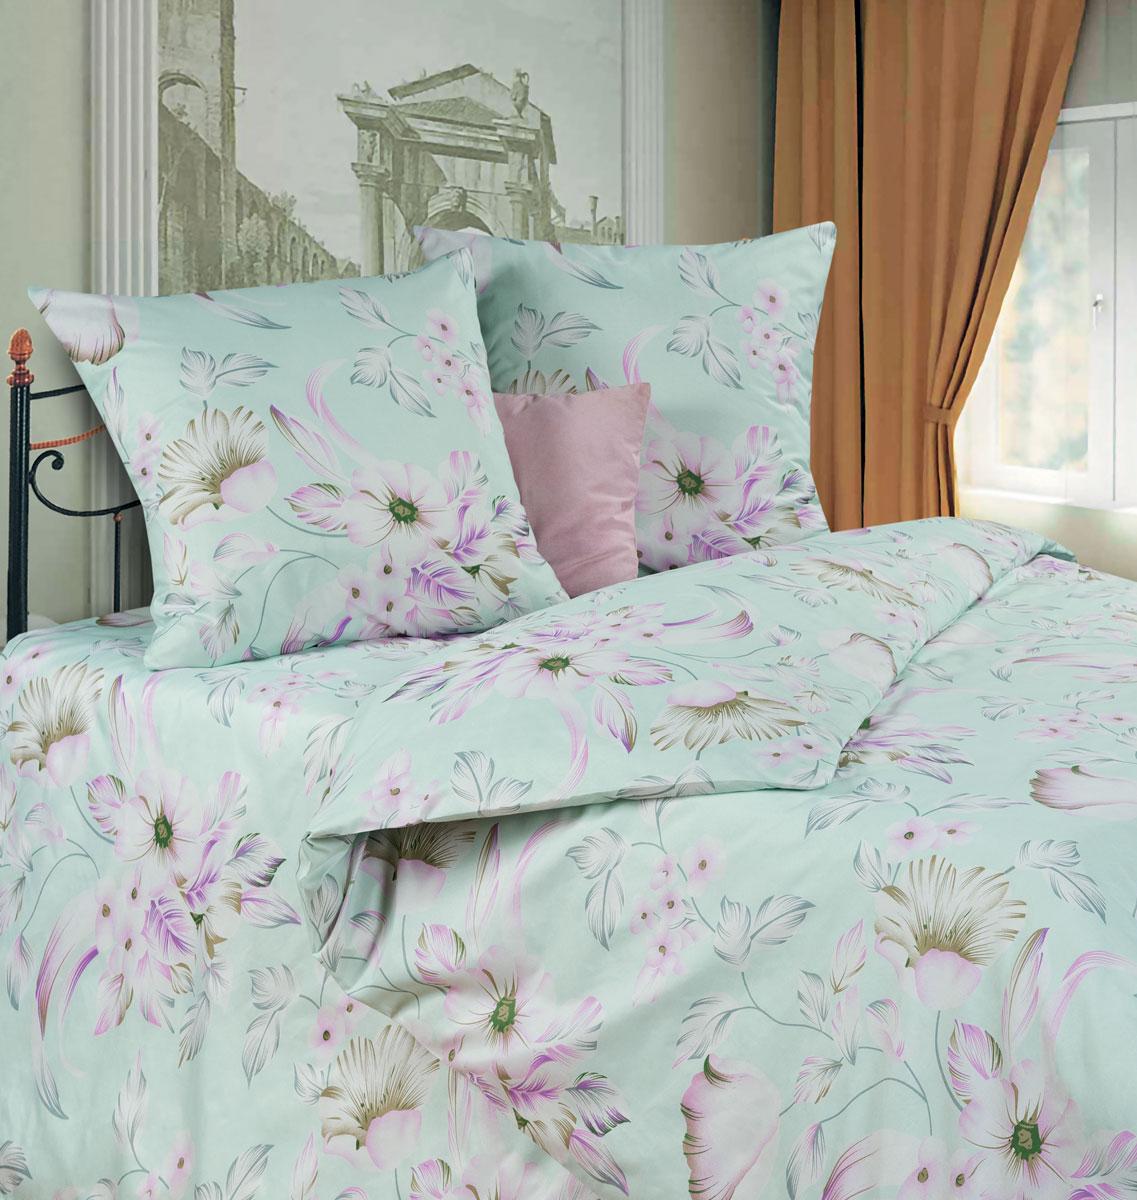 Комплект белья P&W Букет лилий, 2-спальный, наволочки 69x69, цвет: сиреневый, розовый, мятныйFA-5125 WhiteКомплект постельного белья P&W Букет лилий выполнен из микрофибры. Комплект состоит из пододеяльника, простыни и двух наволочек. Постельное белье оформлено изысканным рисунком.Ткань приятная на ощупь, мягкая и нежная, при этом она прочная и хорошо сохраняет форму, легко гладится. Ткань микрофибра - новая технология в производстве постельного белья. Тонкие волокна, используемые в ткани, производят путем переработки полиамида и полиэстера. Такая нить не впитывает влагу, как хлопок, а пропускает ее через себя, и влага быстро испаряется. Изделие не деформируется и хорошо держит форму. Благодаря такому комплекту постельного белья, вы сможете создать атмосферу роскоши и романтики в вашей спальне.